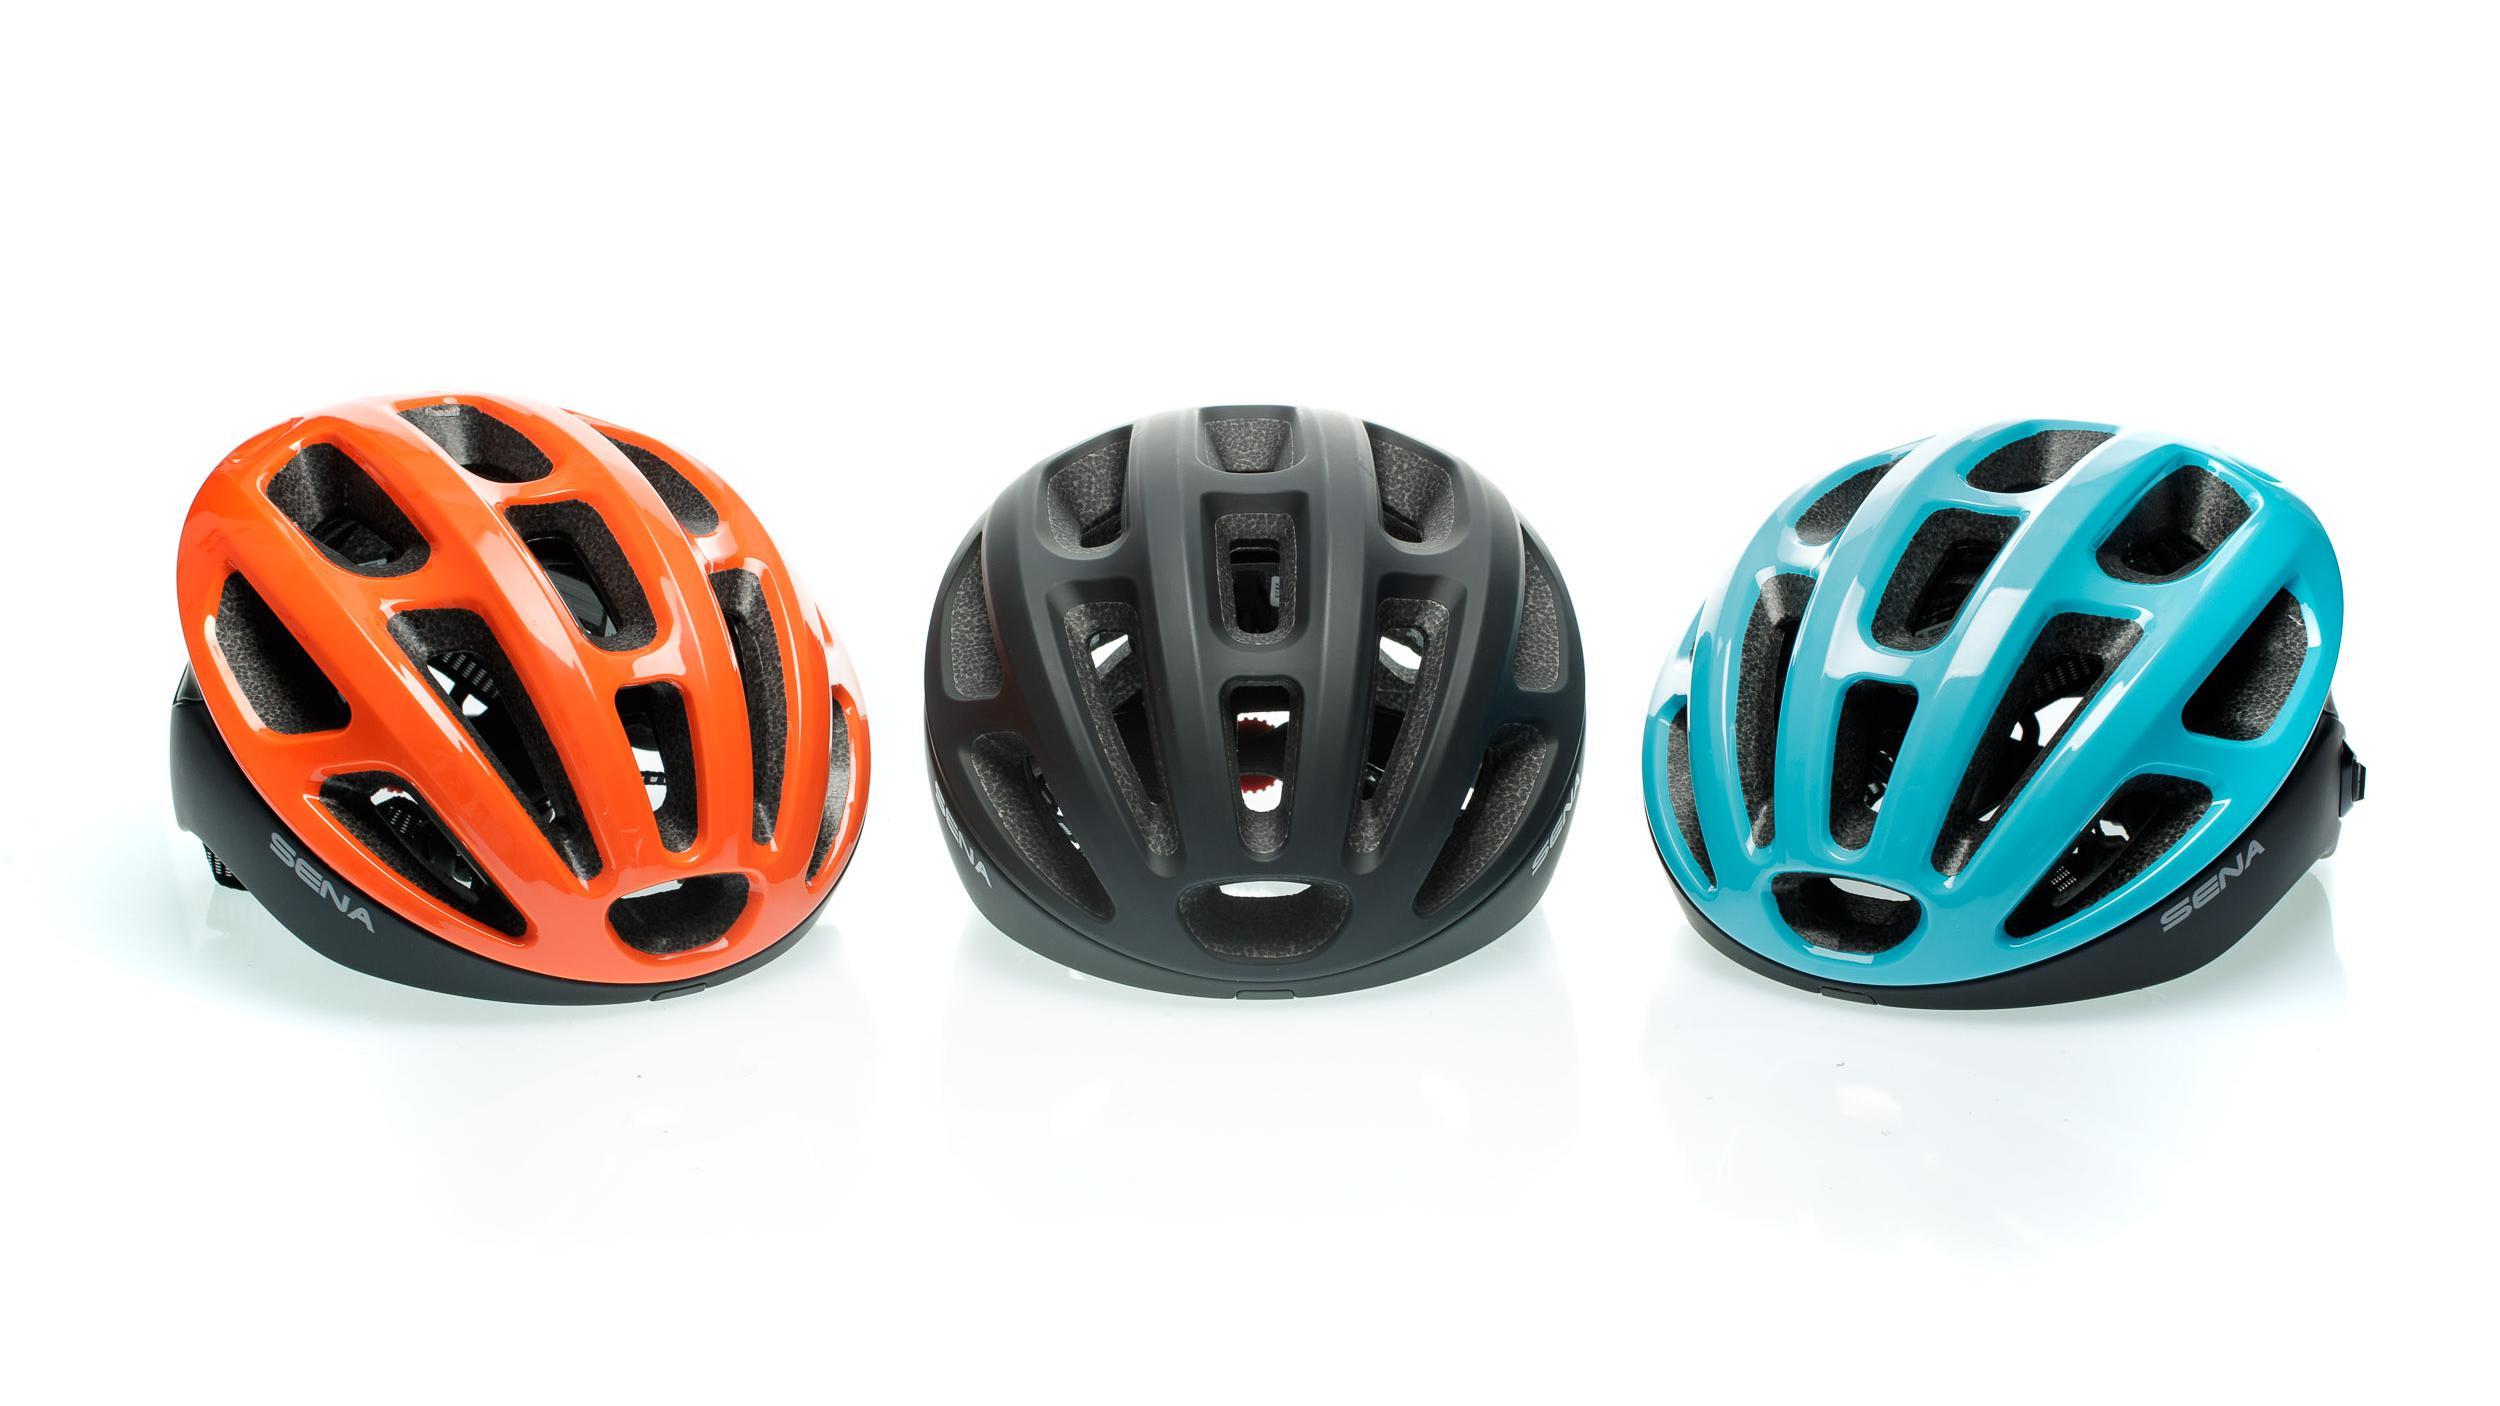 3 x 3 - drei Farben in jeweils drei Größen stehen beim Sena R1 zur Wahl.